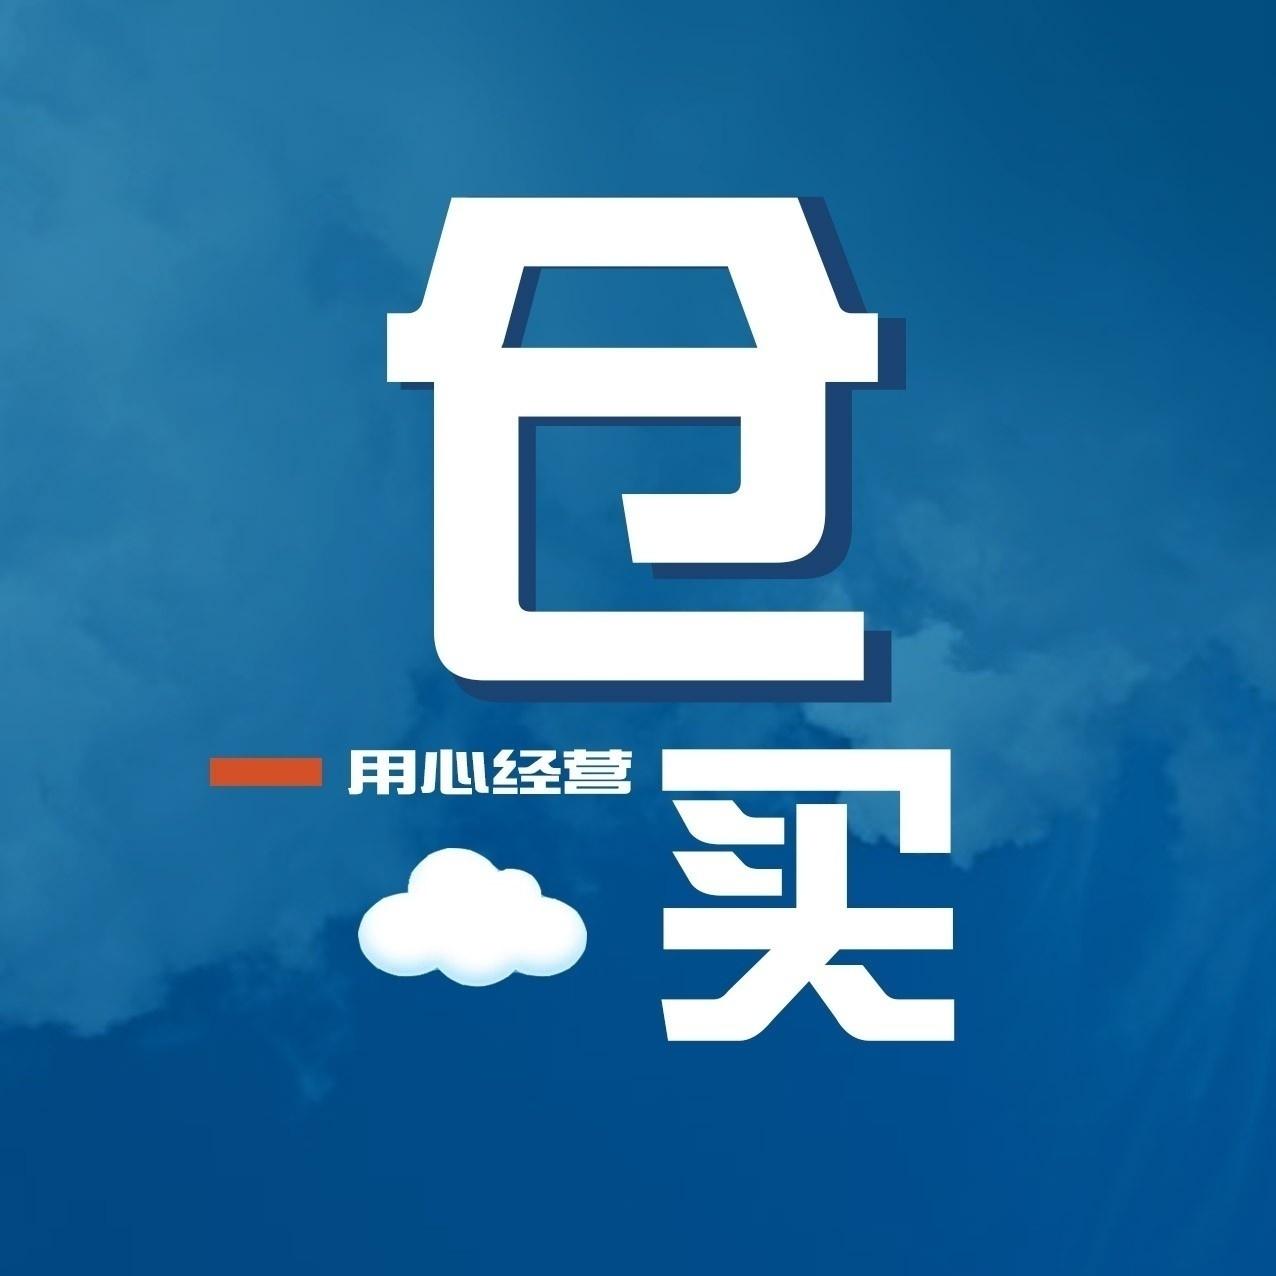 logo 标识 标志 设计 矢量 矢量图 素材 图标 1276_1276